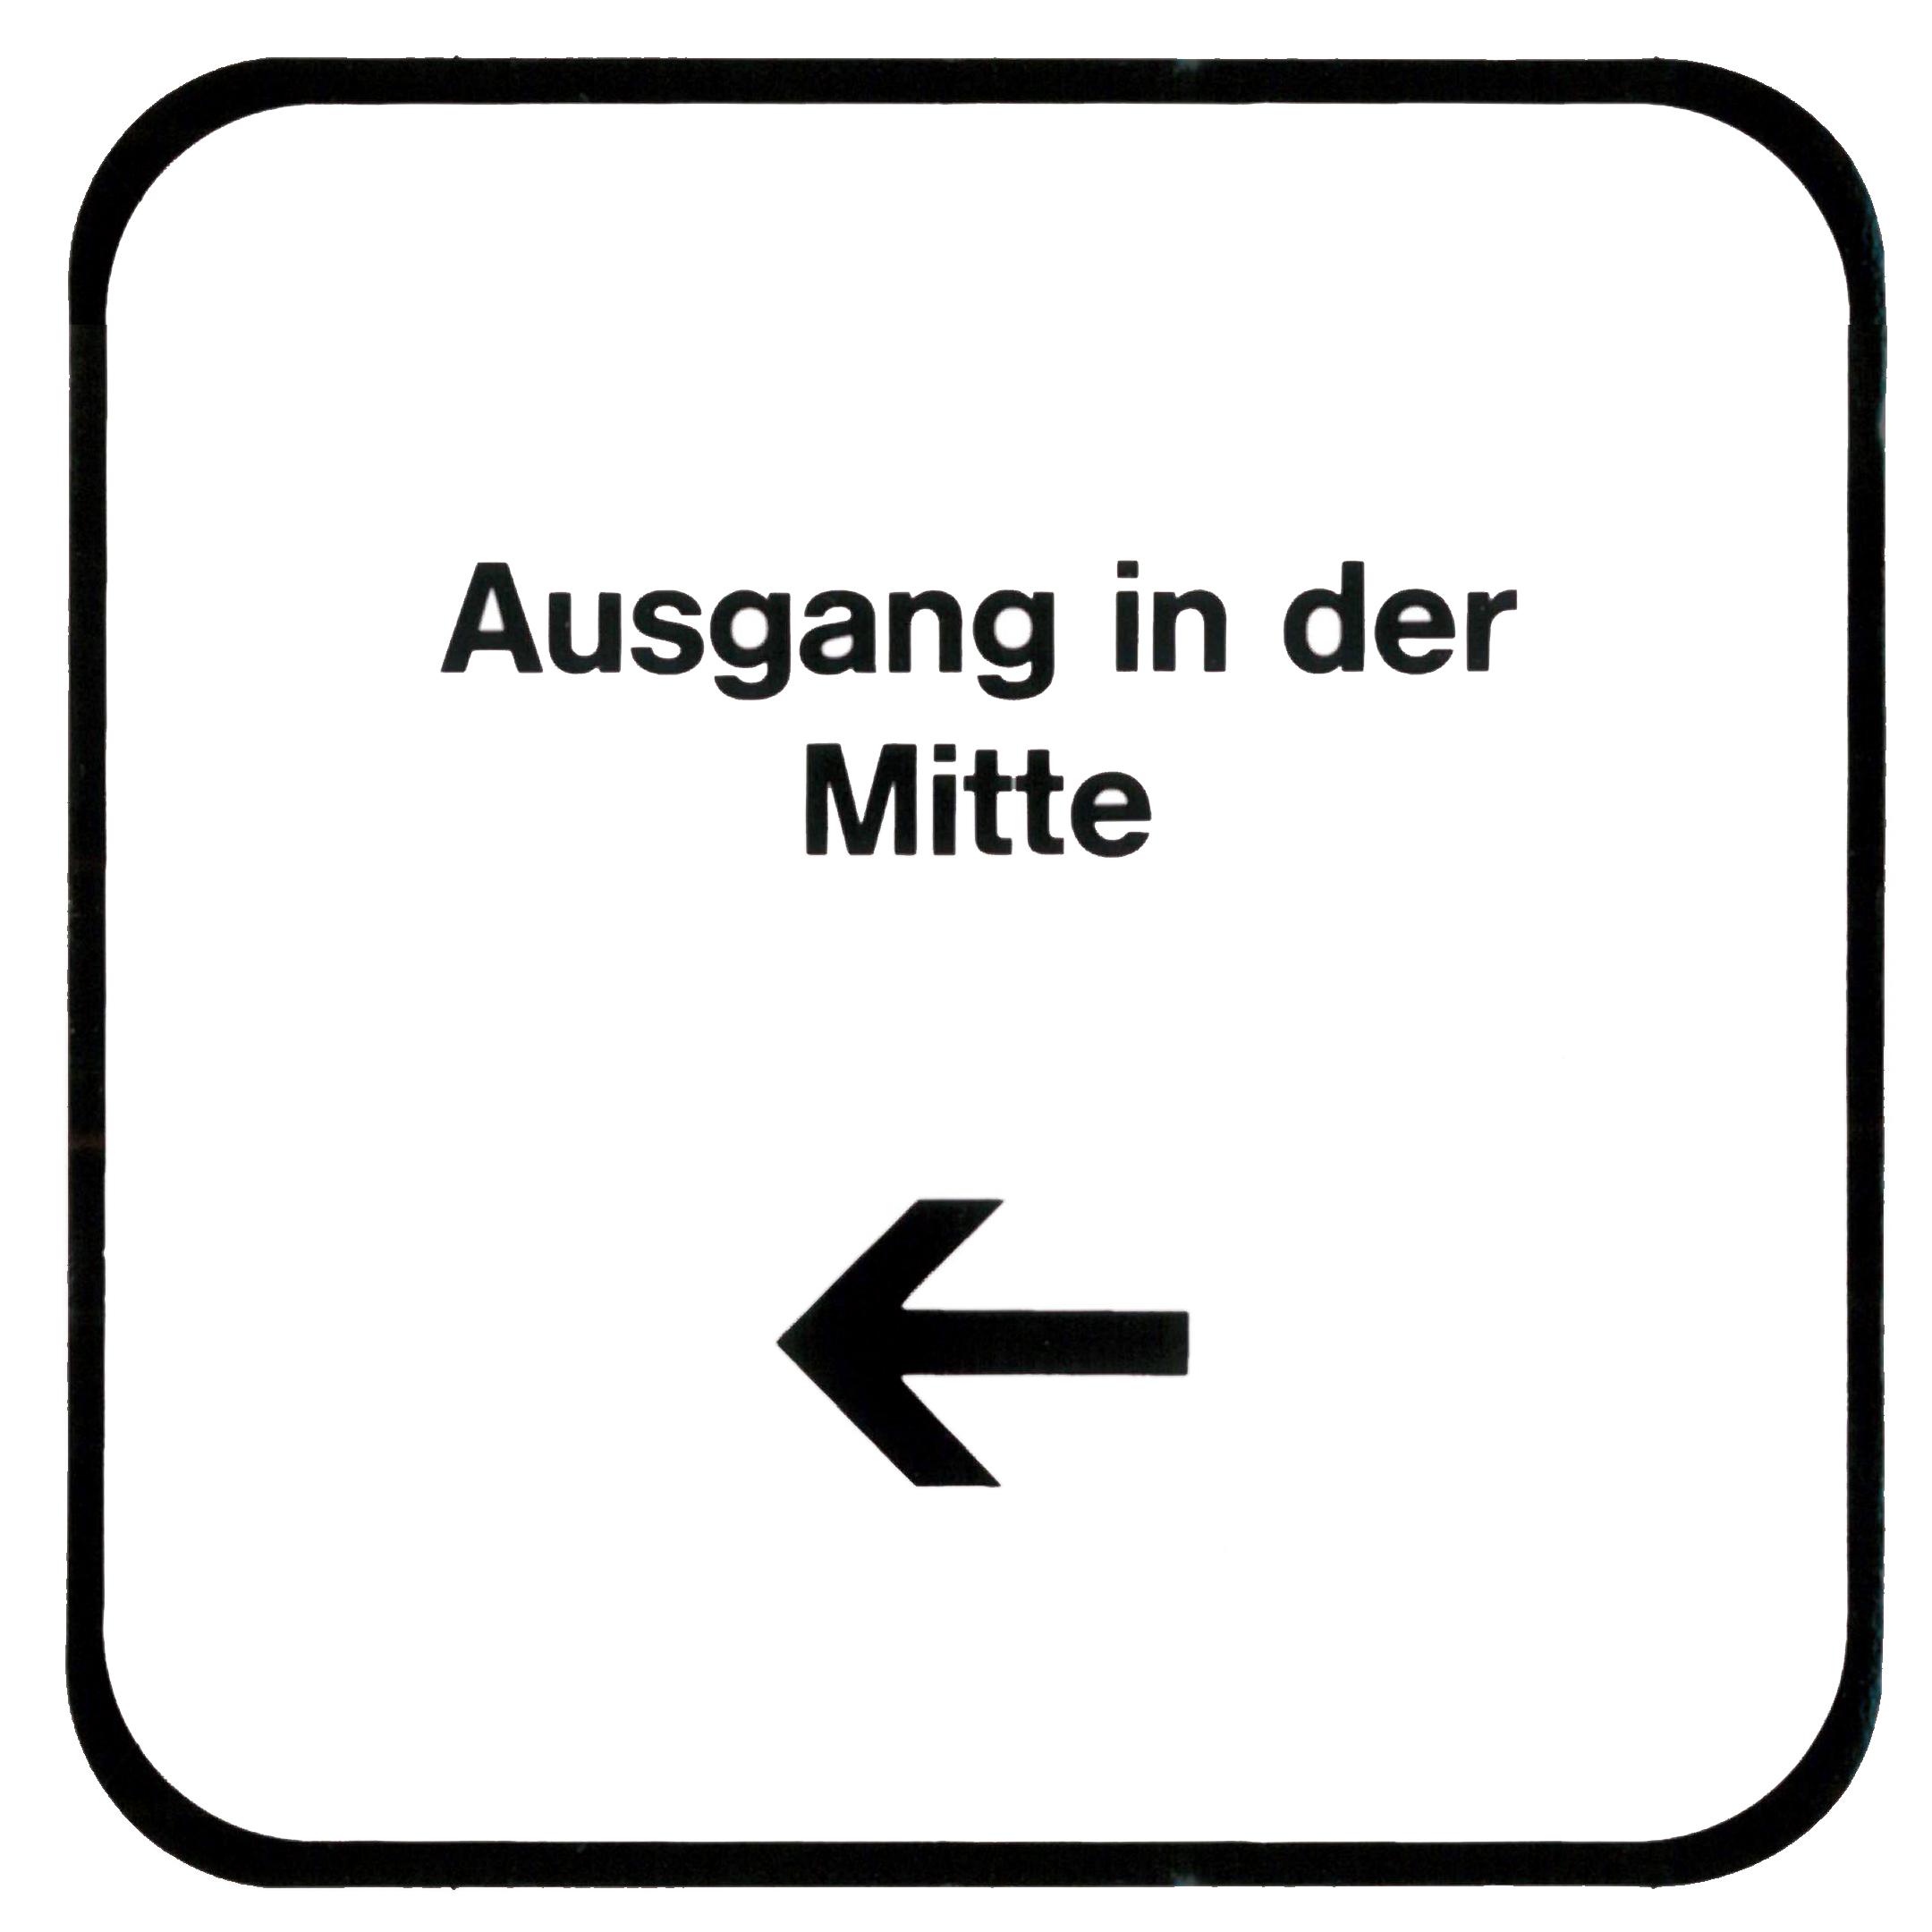 Piktogramm V20430: Ausgang in der Mitte